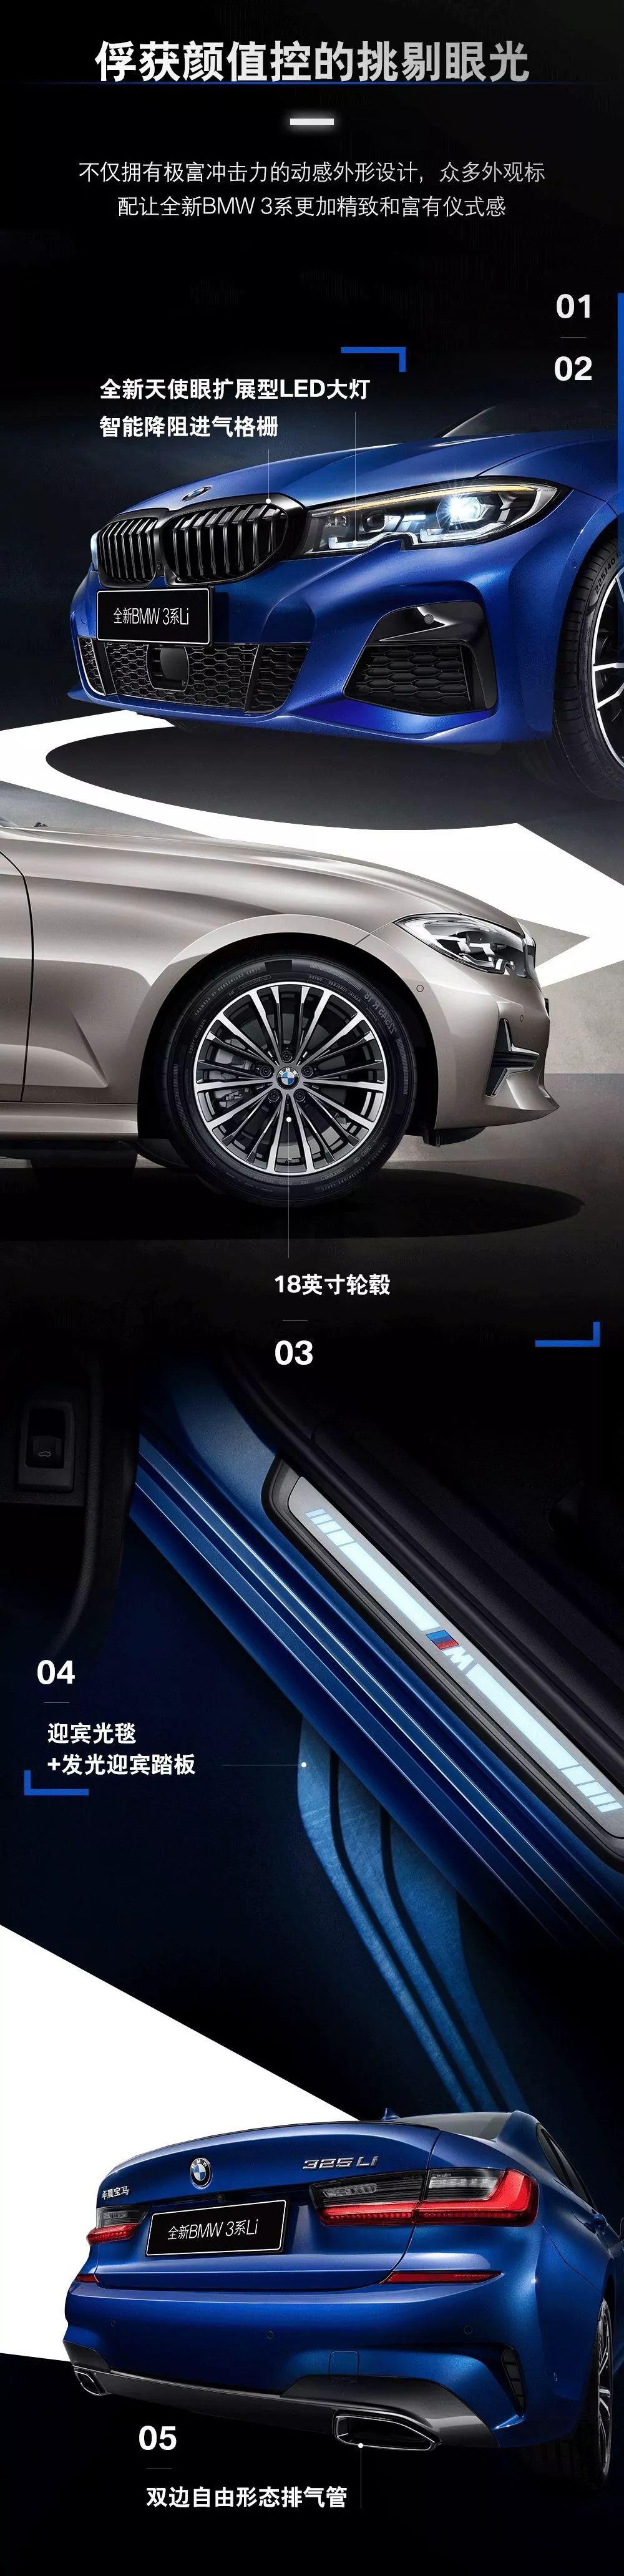 宠粉时刻到!玩转热爱——宁波小区全新BMW 3系粉丝主题日